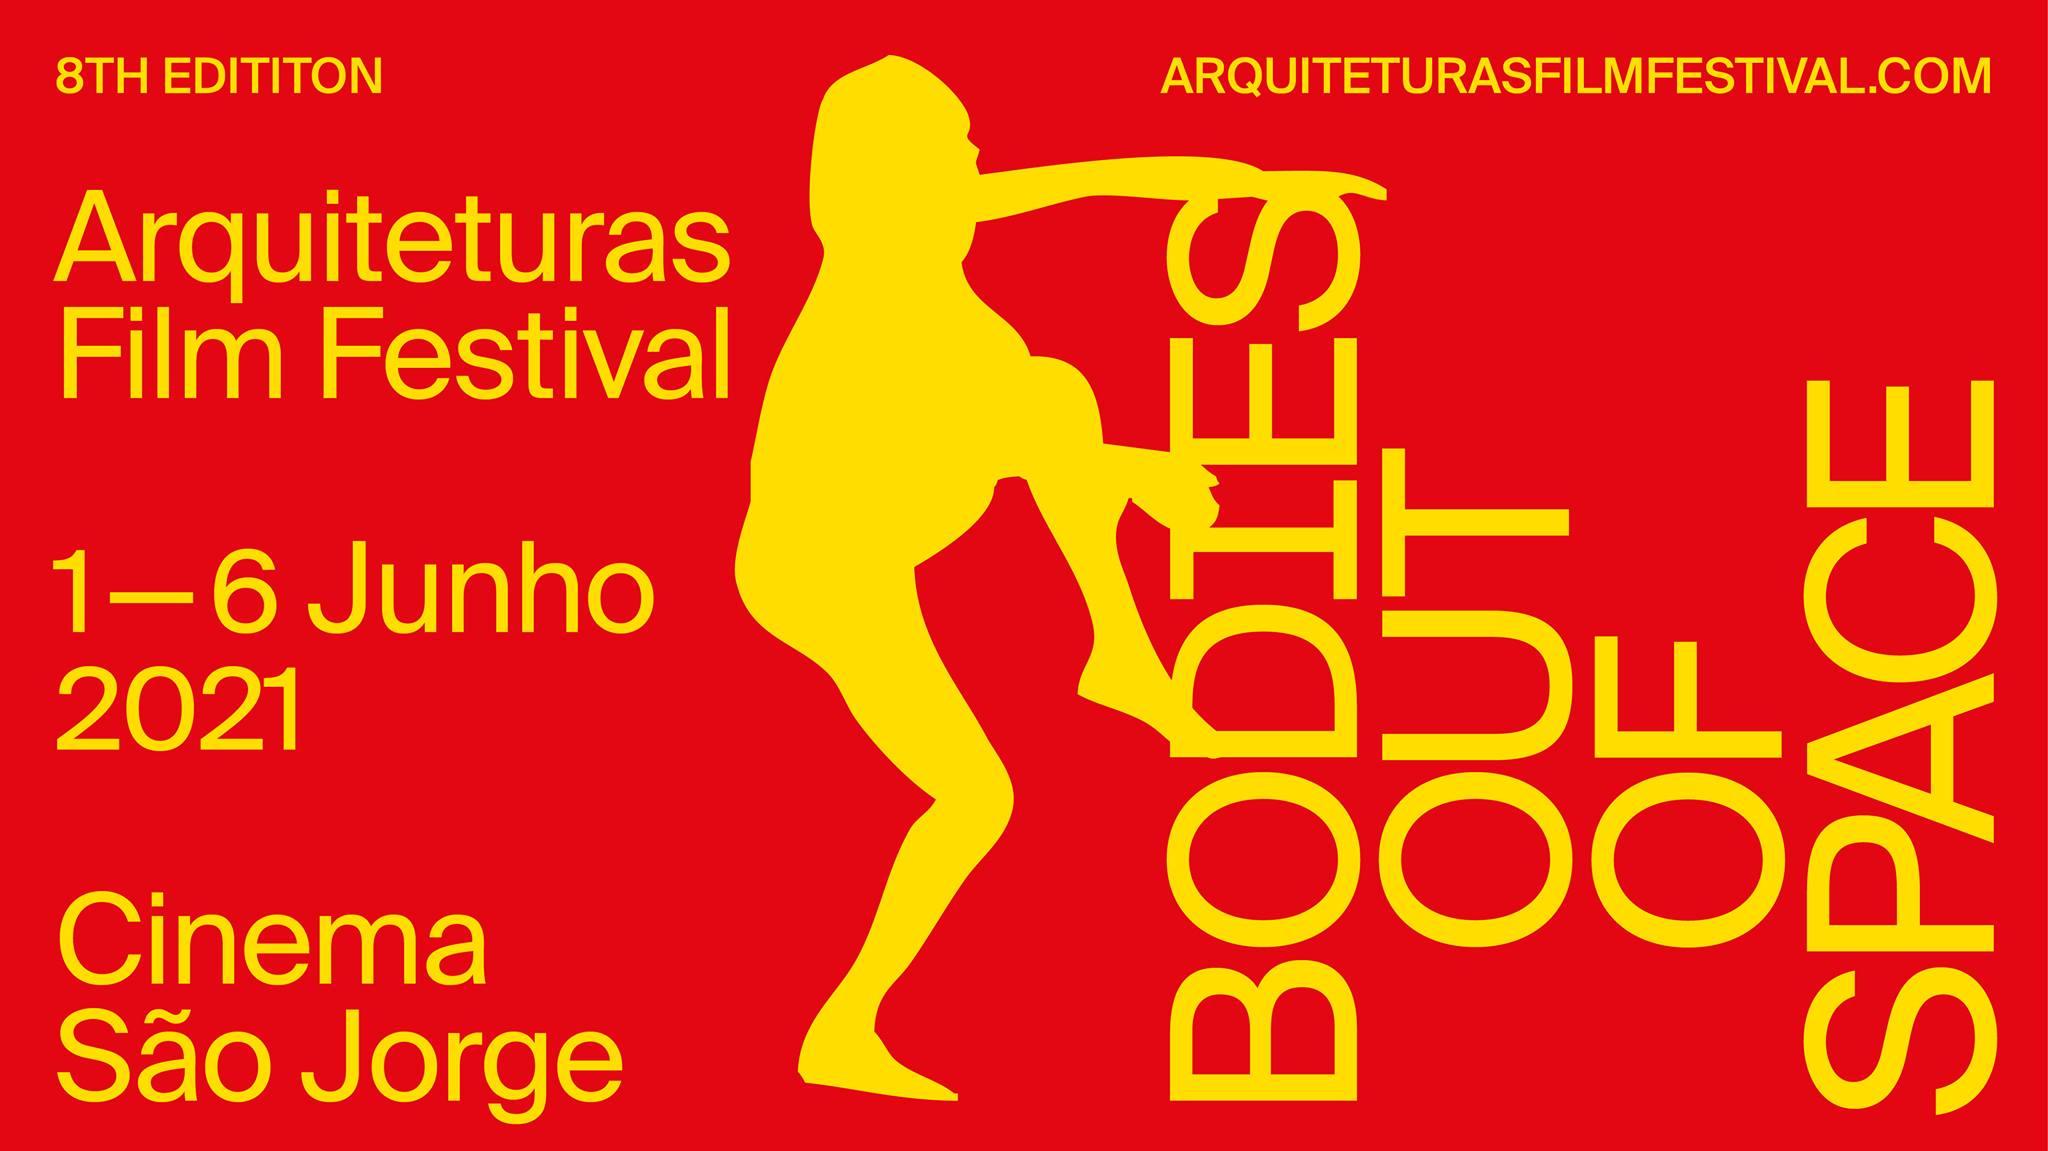 Arquiteturas Film Festival 2021 | Cinema São Jorge